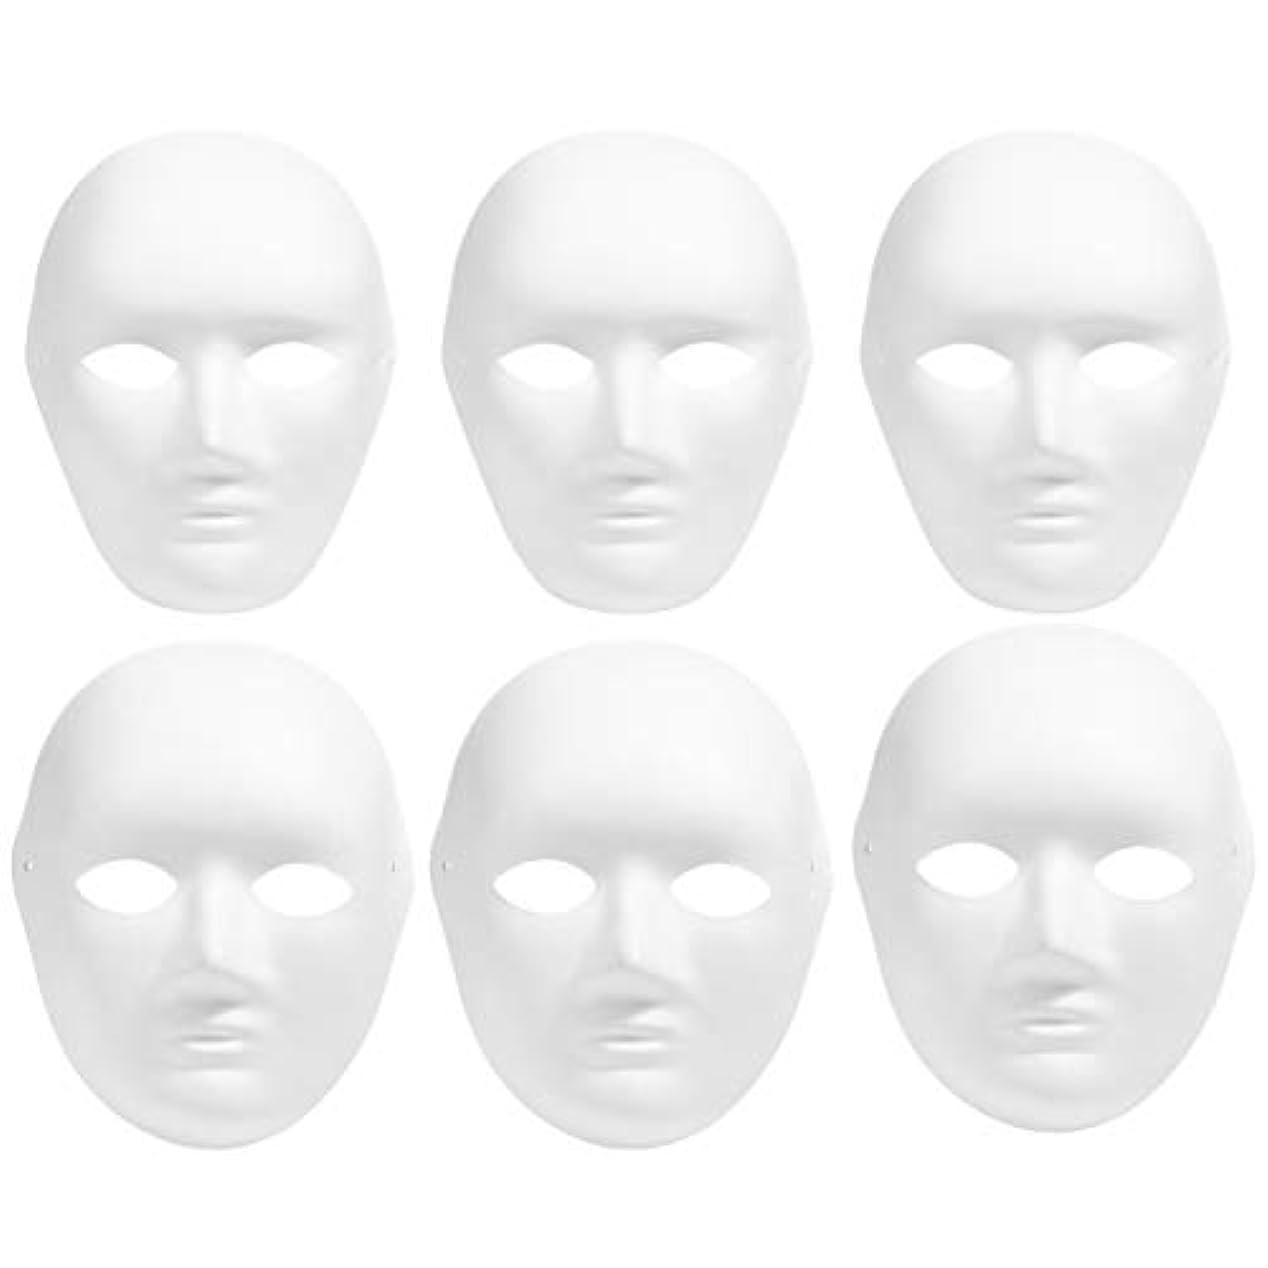 困惑する麺宮殿マスク ハロウィン 怖い 白い人面マスク ハロウィンマスク ハロウィン 仮装 仮面 コスプレ 6*男性?6*女性